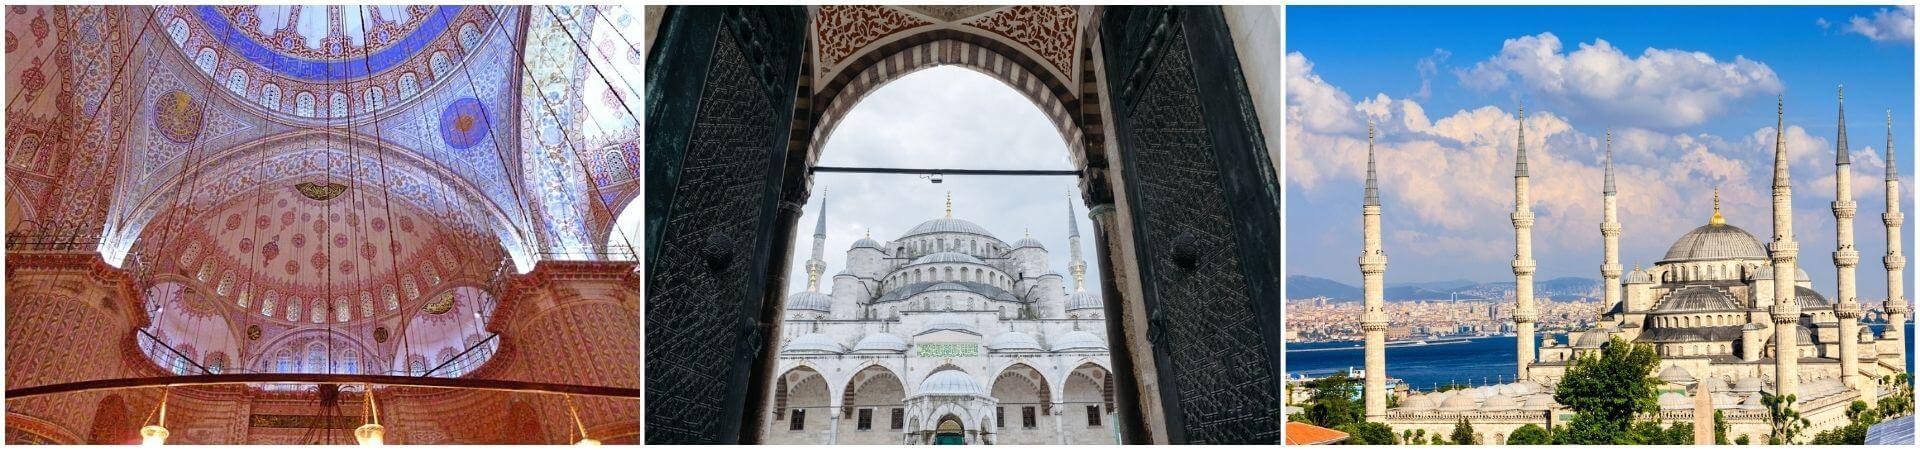 Экскурсия по Голубой мечети в Стамбуле